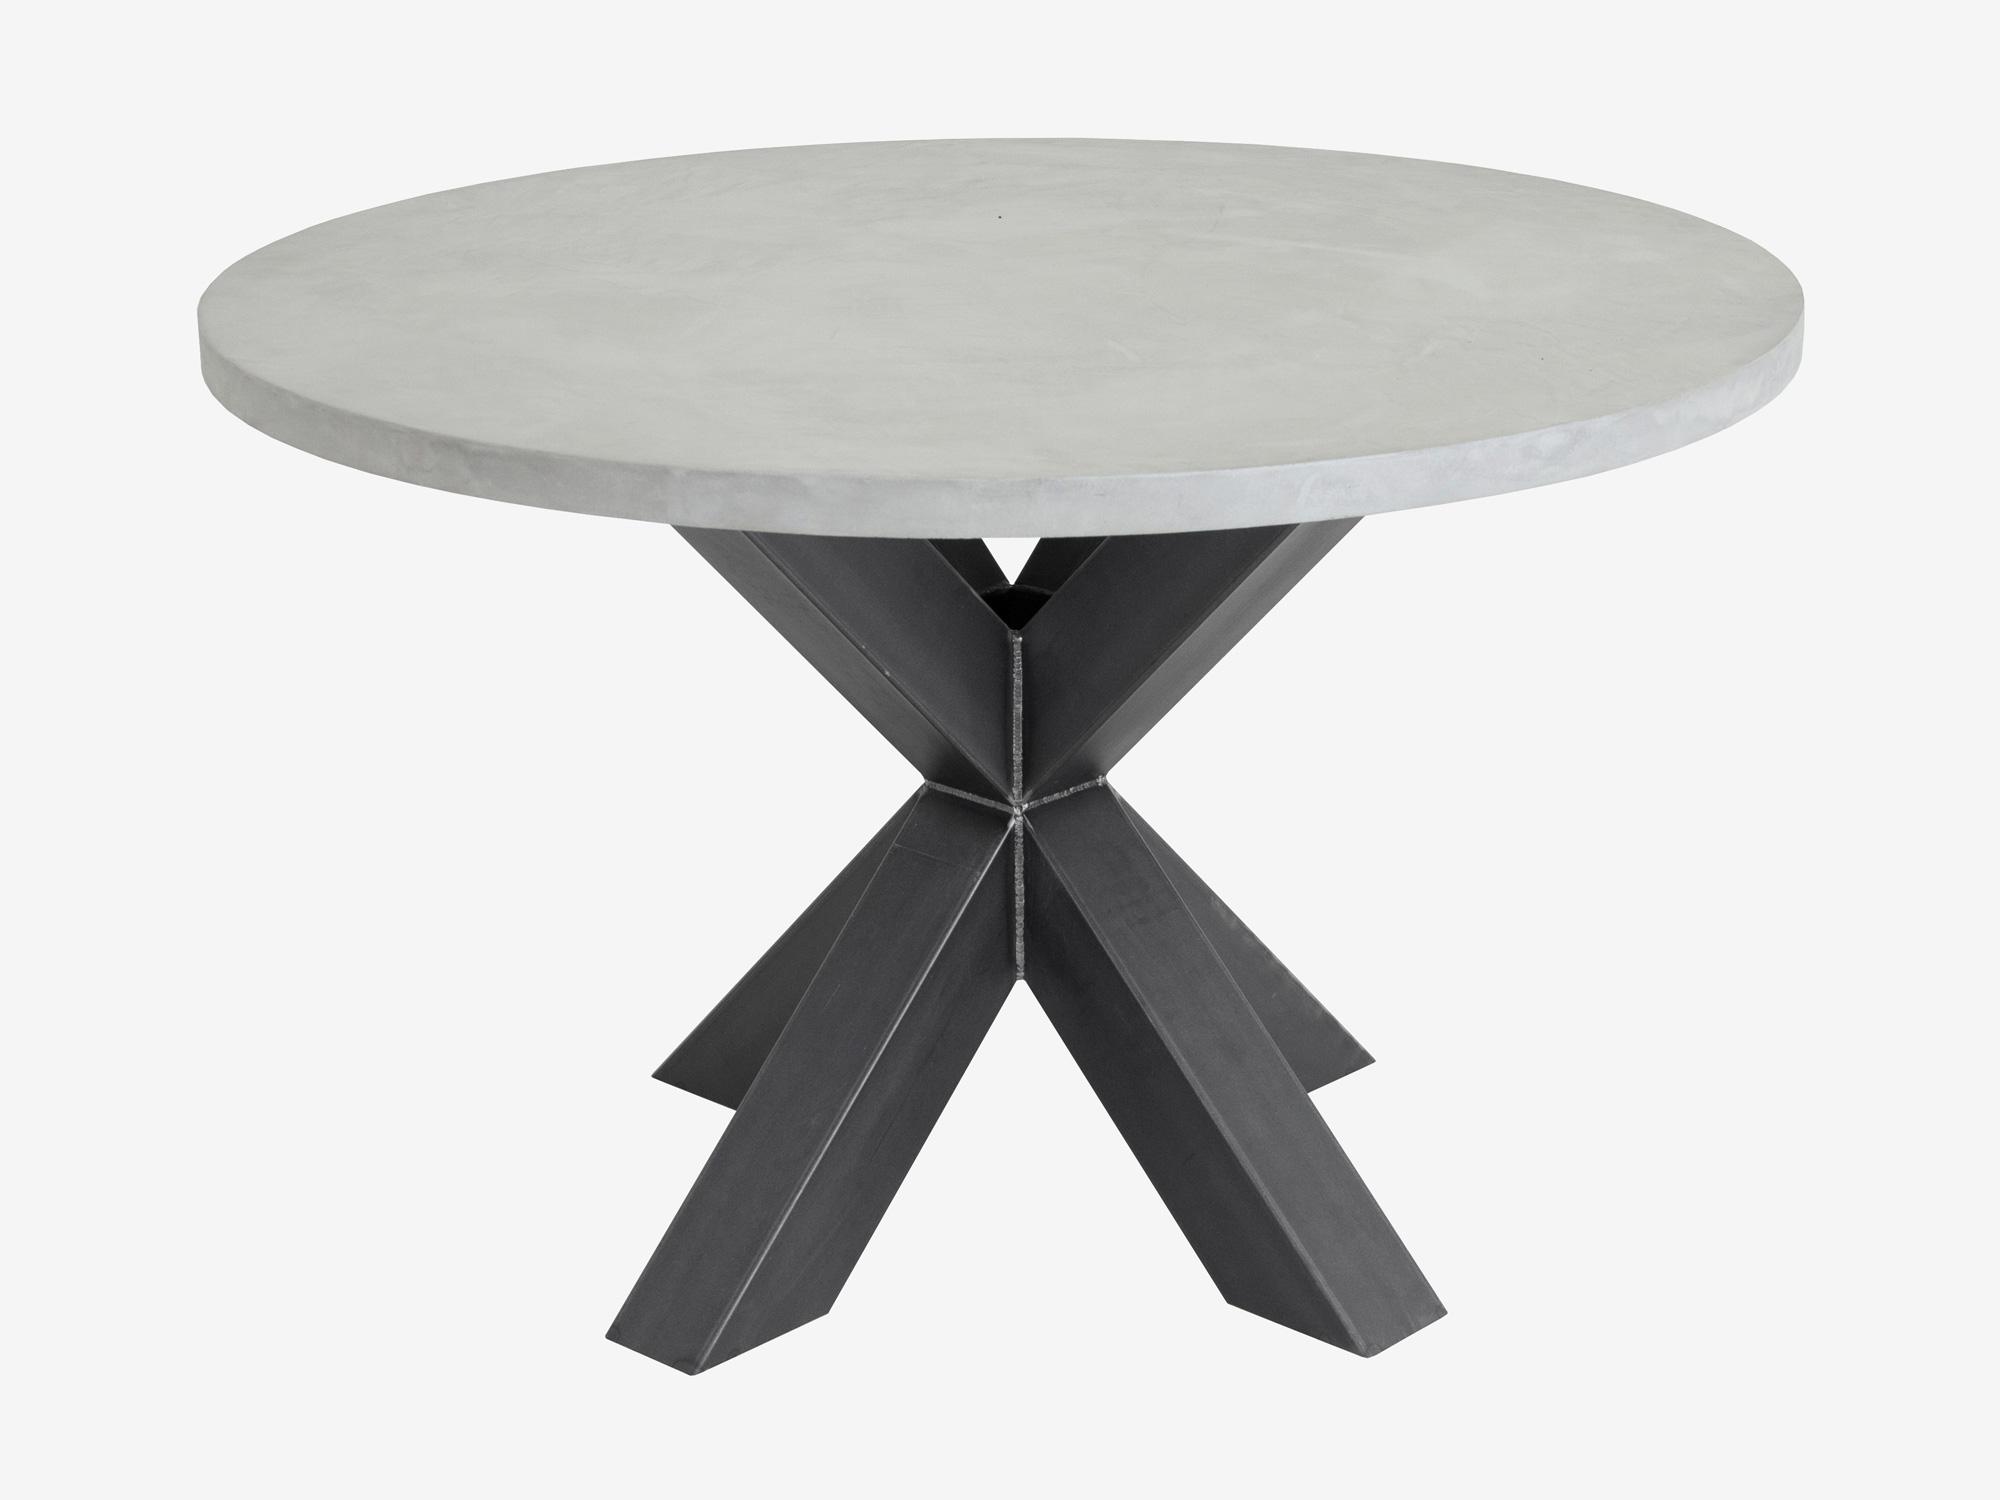 Ronde betonlook tafel Ozzy op maat gemaakt